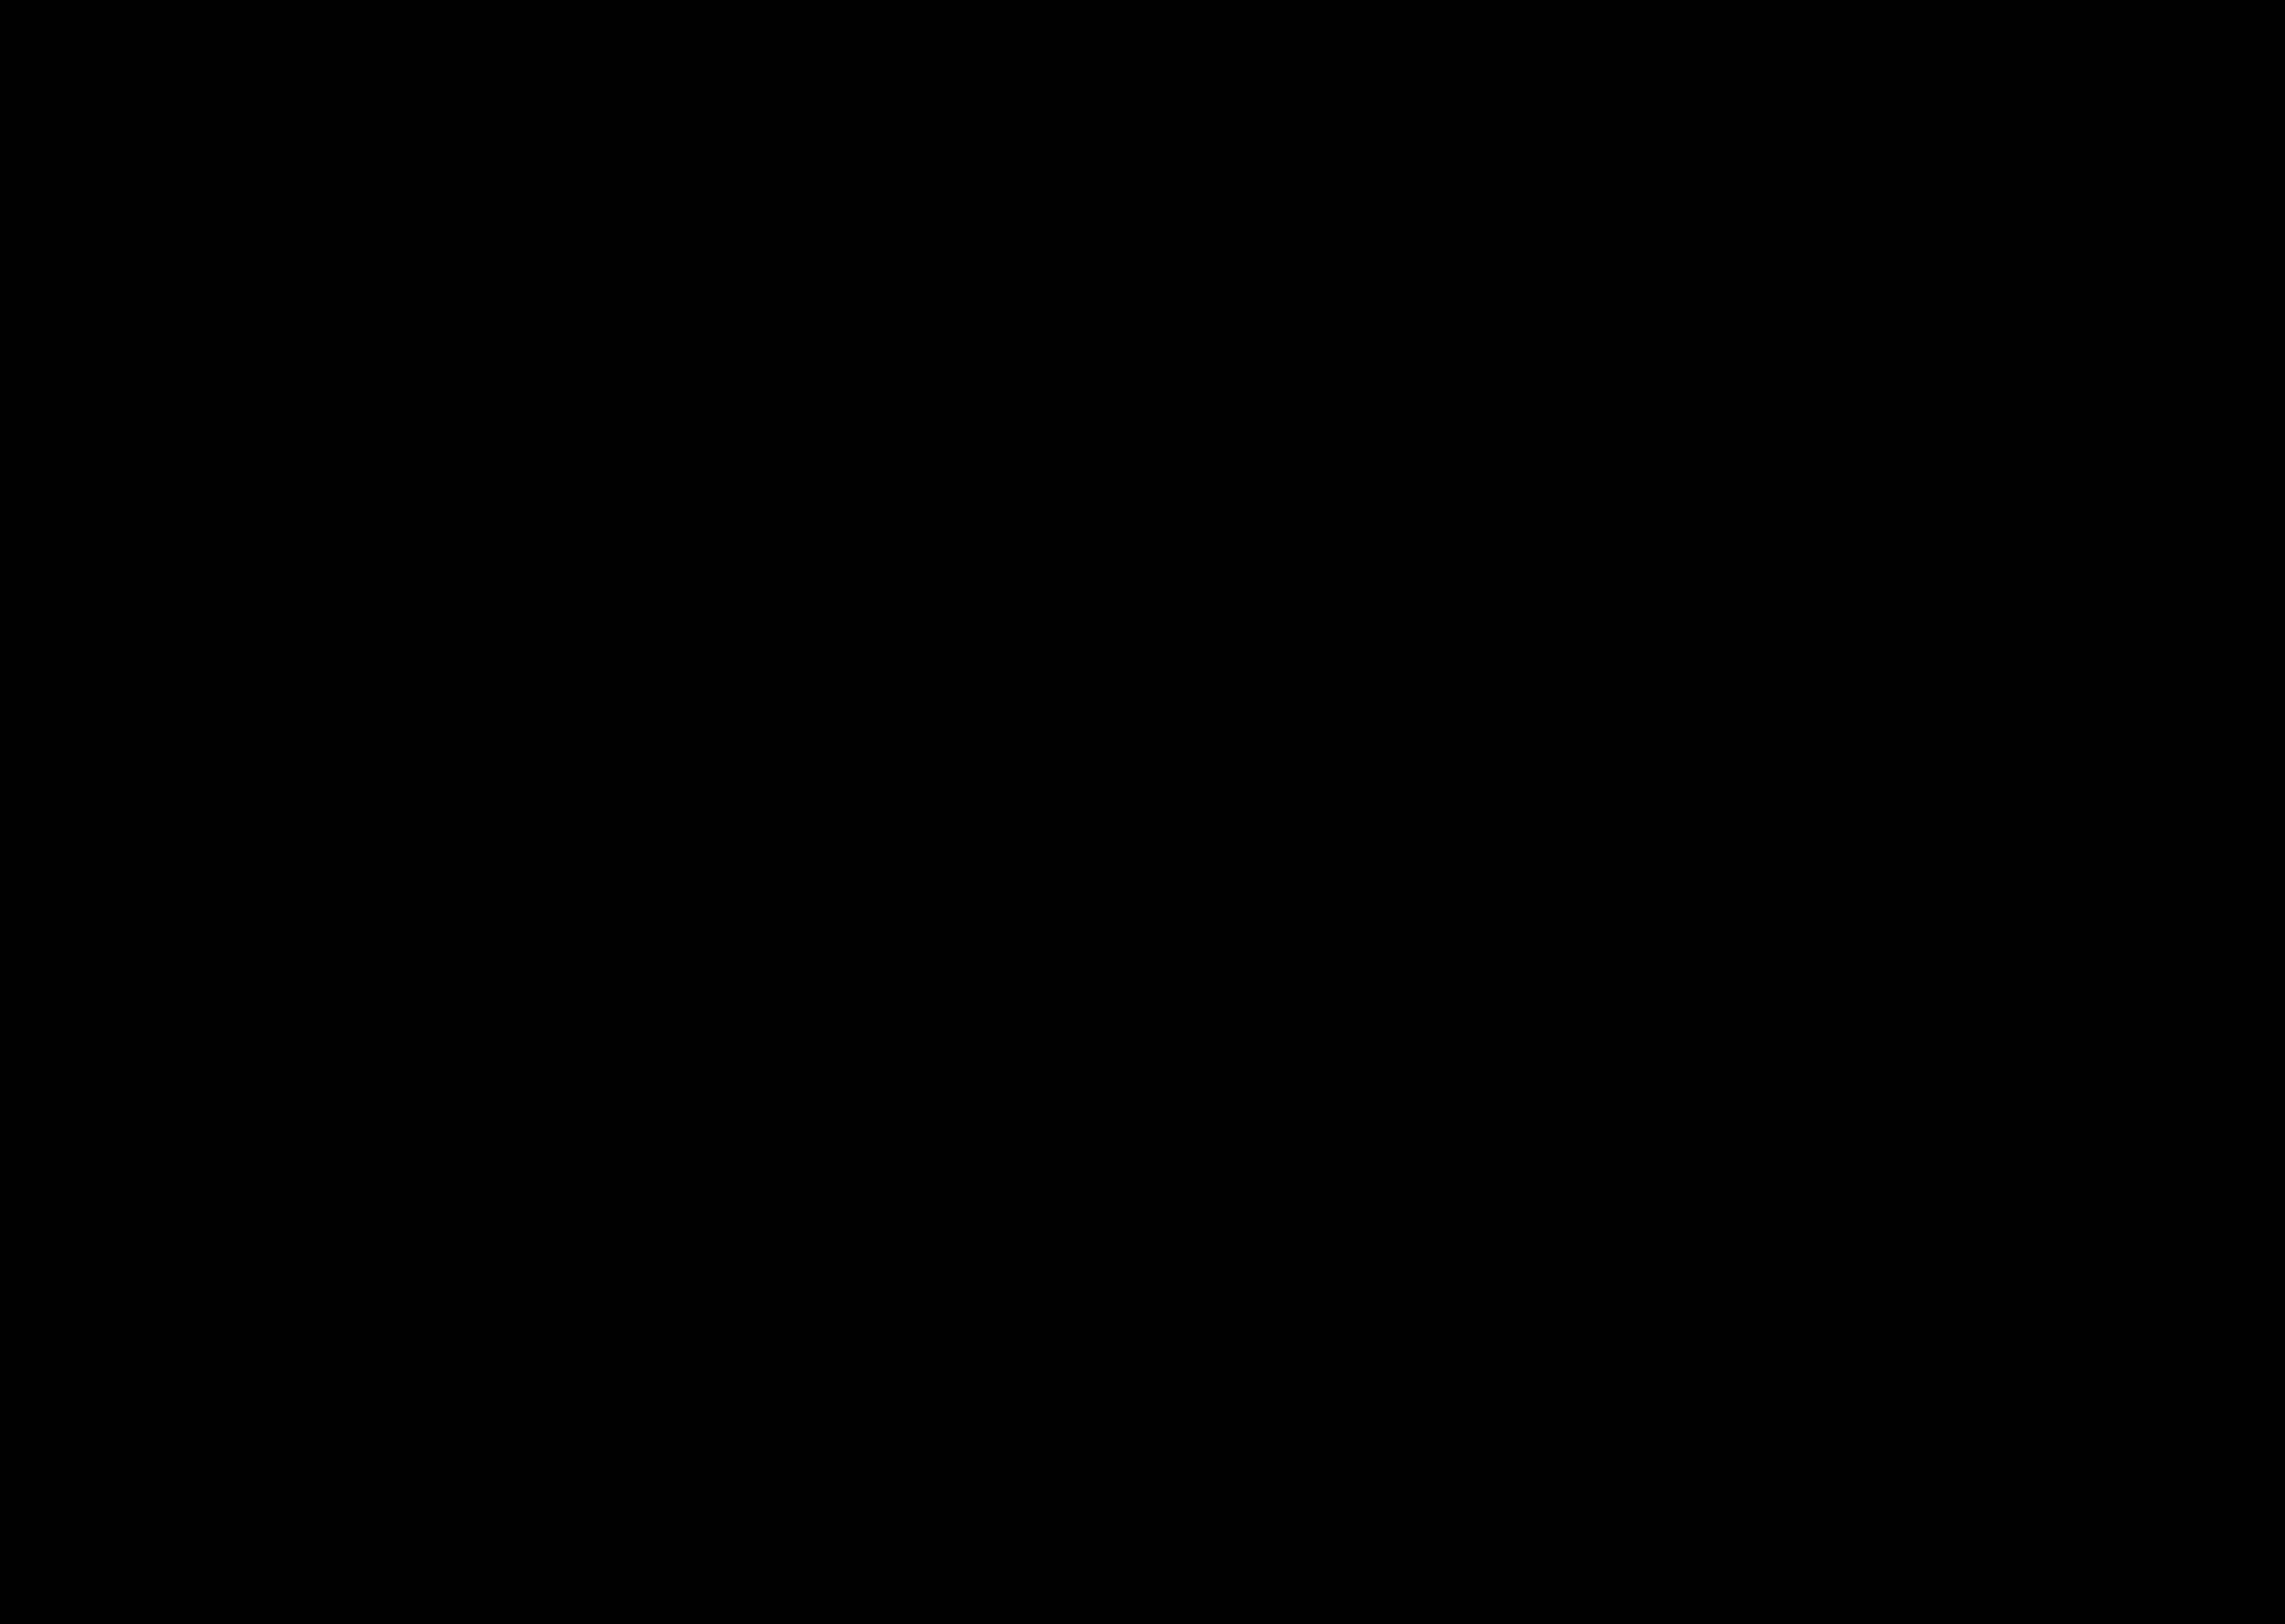 Fotoğraf Doğa Hayvan Renk Biyoloji Böcek Kelebek Fauna